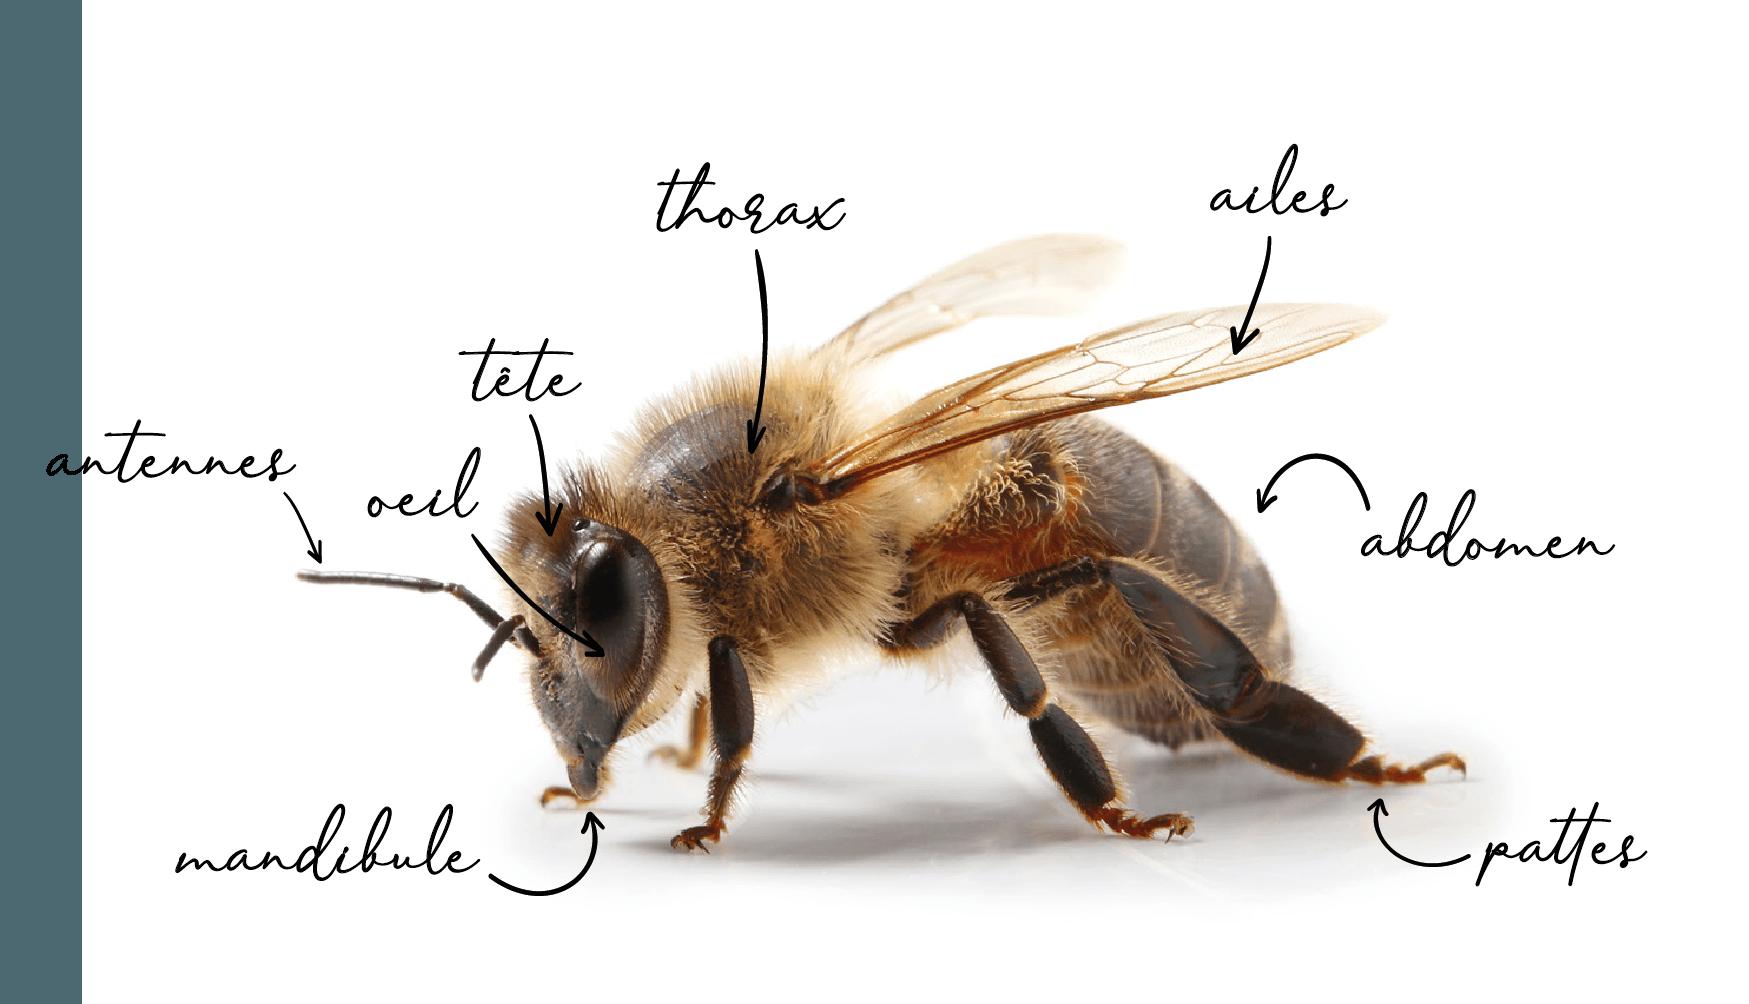 Anatomie abeille_Plan de travail 1.png